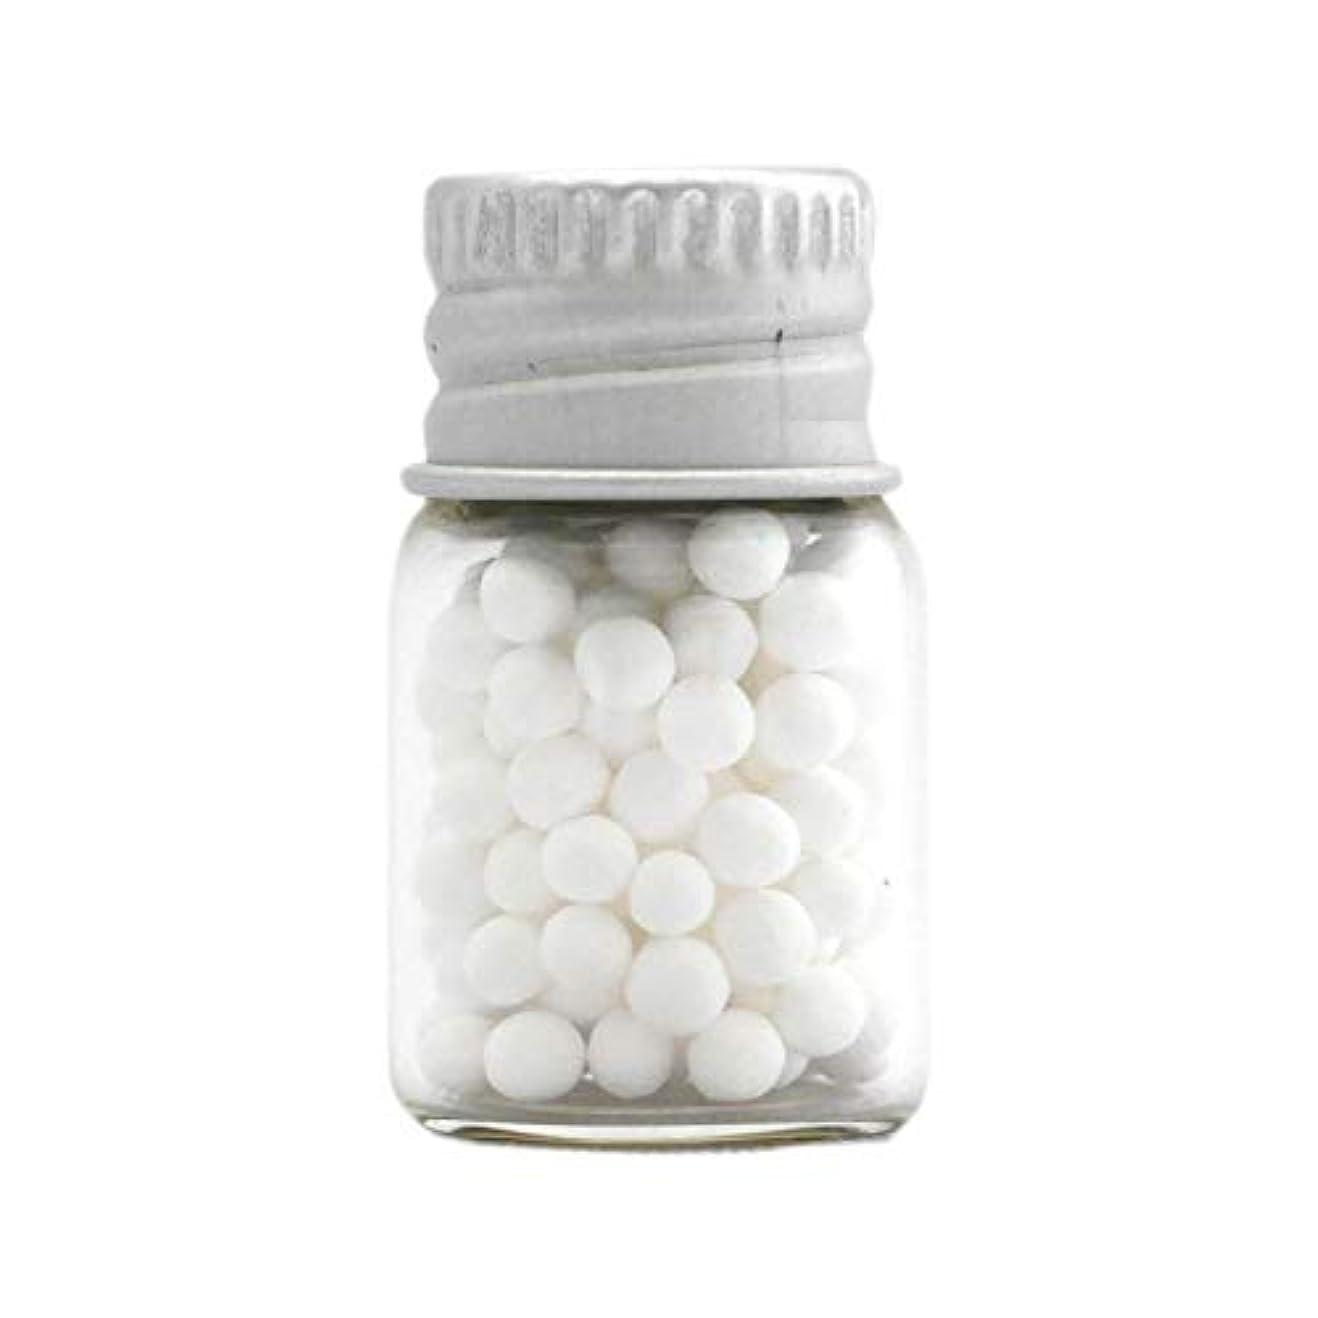 家庭教師冷笑する動物アロマ?エコビーズ(直径約2mm)0.5g 銀色フタ付きミニボトル入り 香りをしみこませることのできるアロマボール